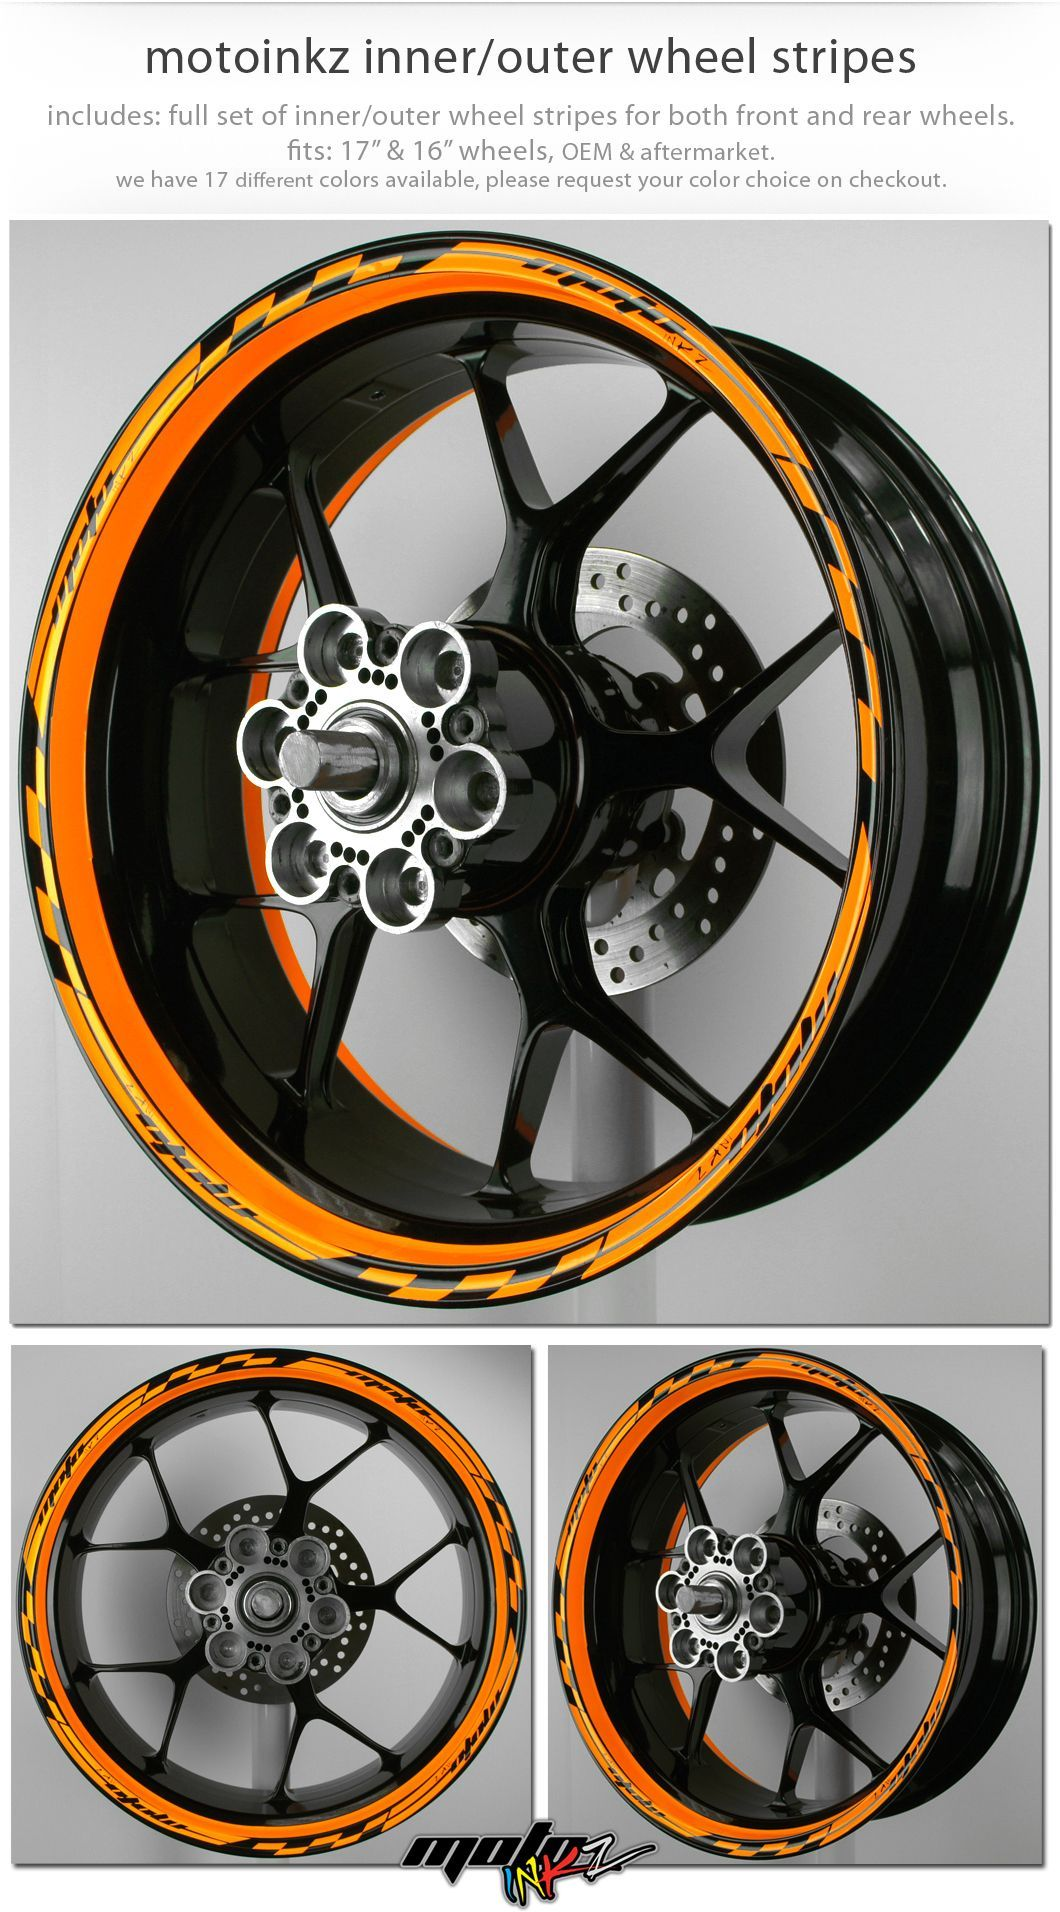 MOTOINKZ モトインクズ:ホイール・リムステッカー5 インナーアウターリップデザイン(Wheel Stripes Inner/Outer lip design 5)